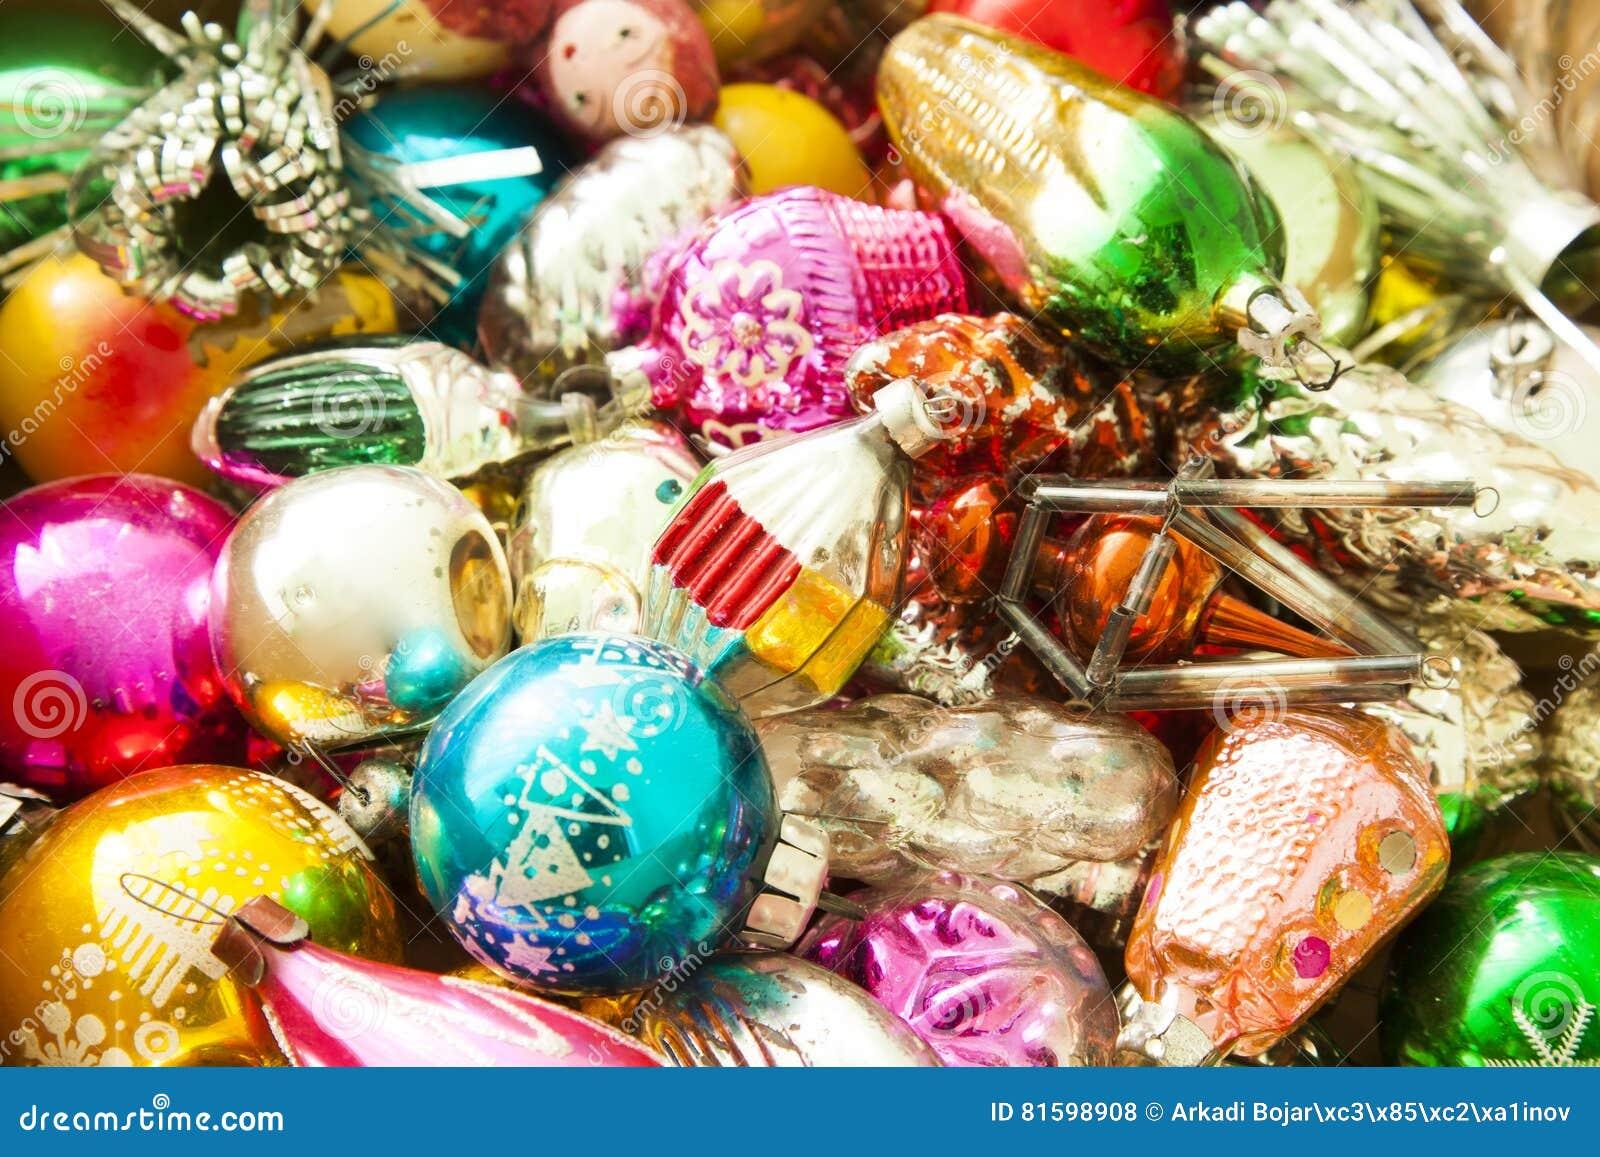 Foto Antiche Di Natale.Decorazioni Antiche Di Natale Fotografia Stock Immagine Di